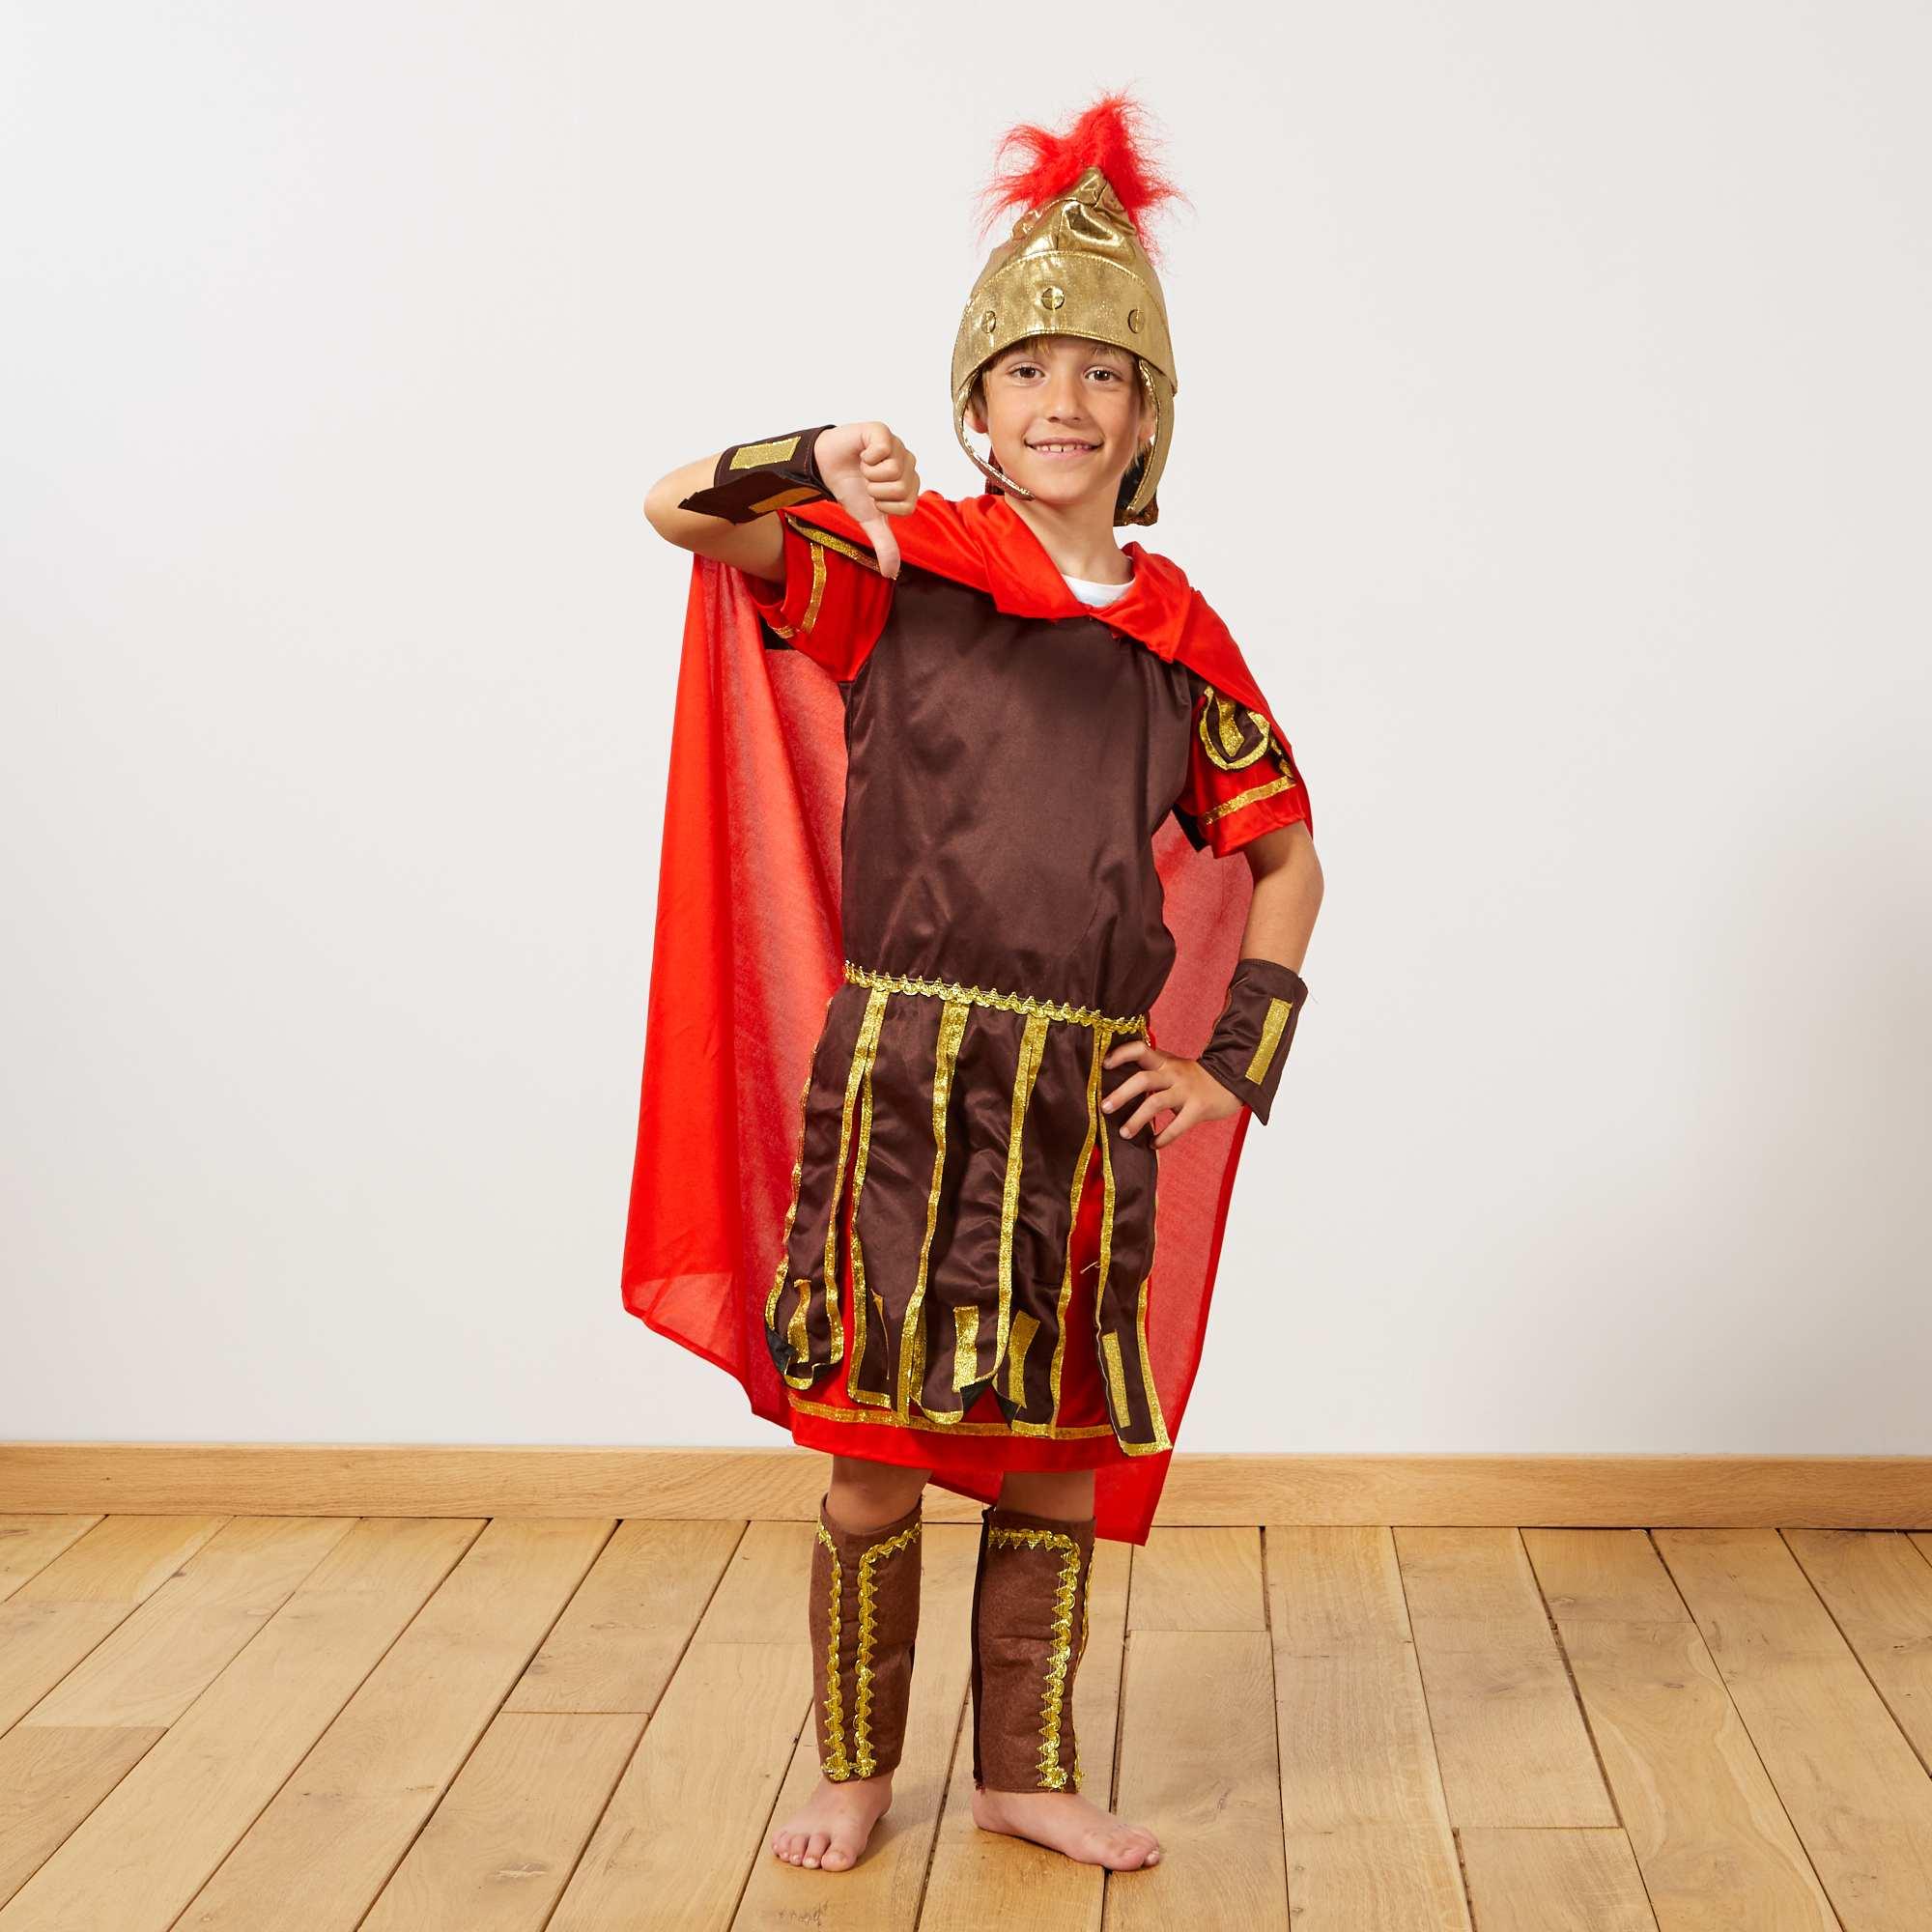 Fantastiche immagini su gladiatori nel gladiators